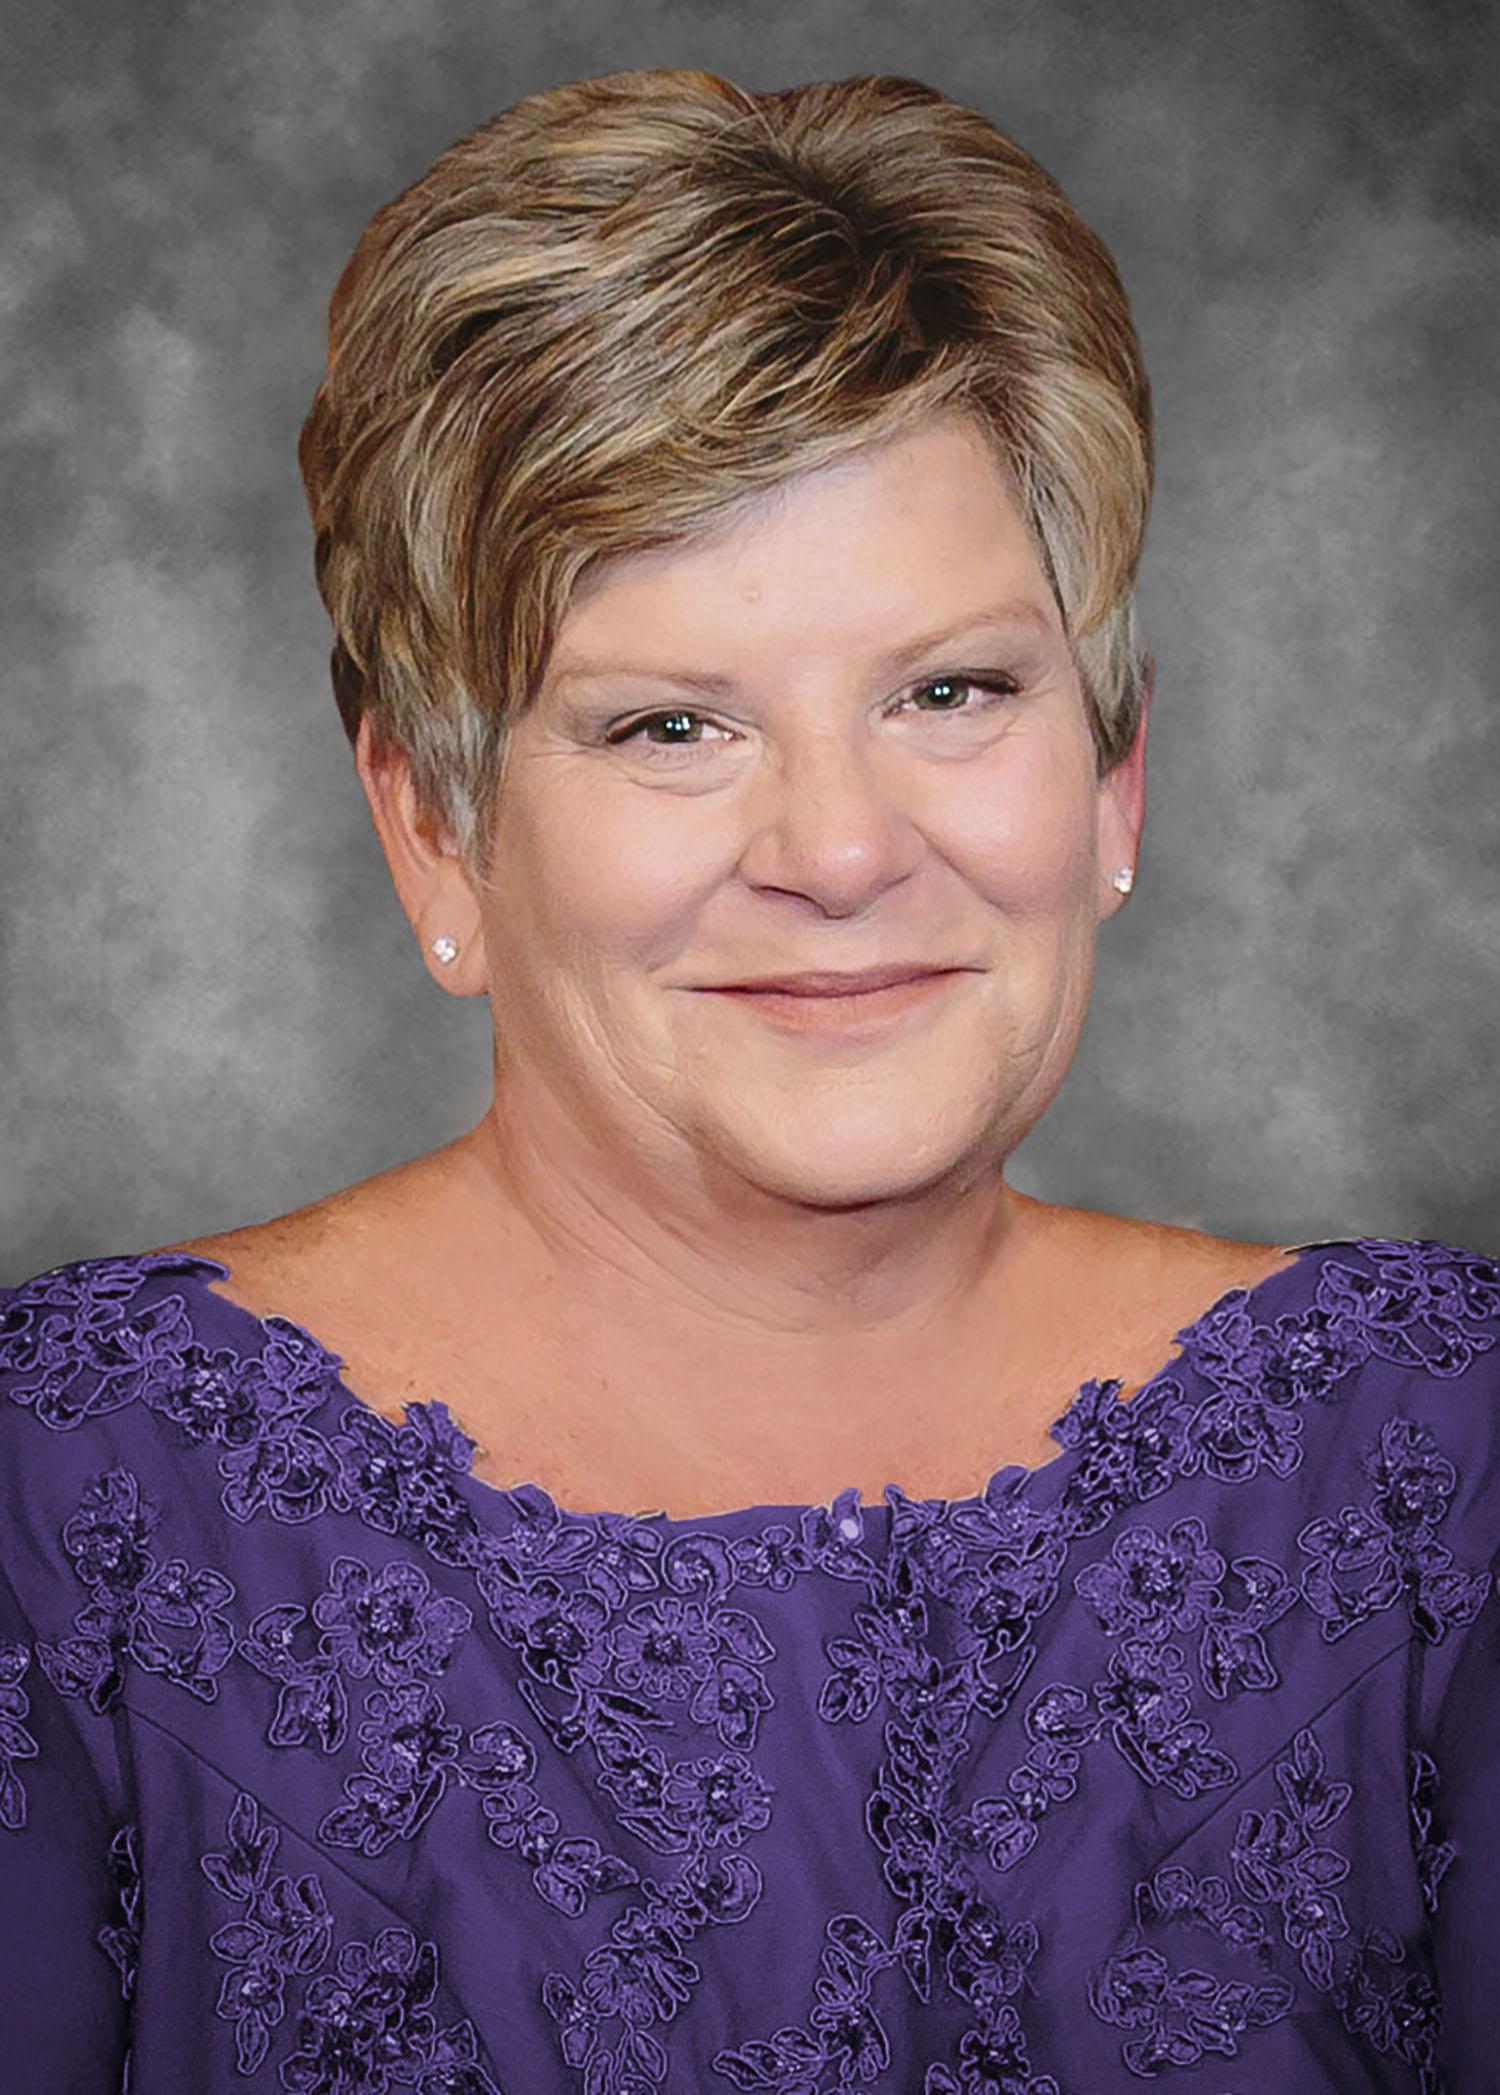 Kelly Welch